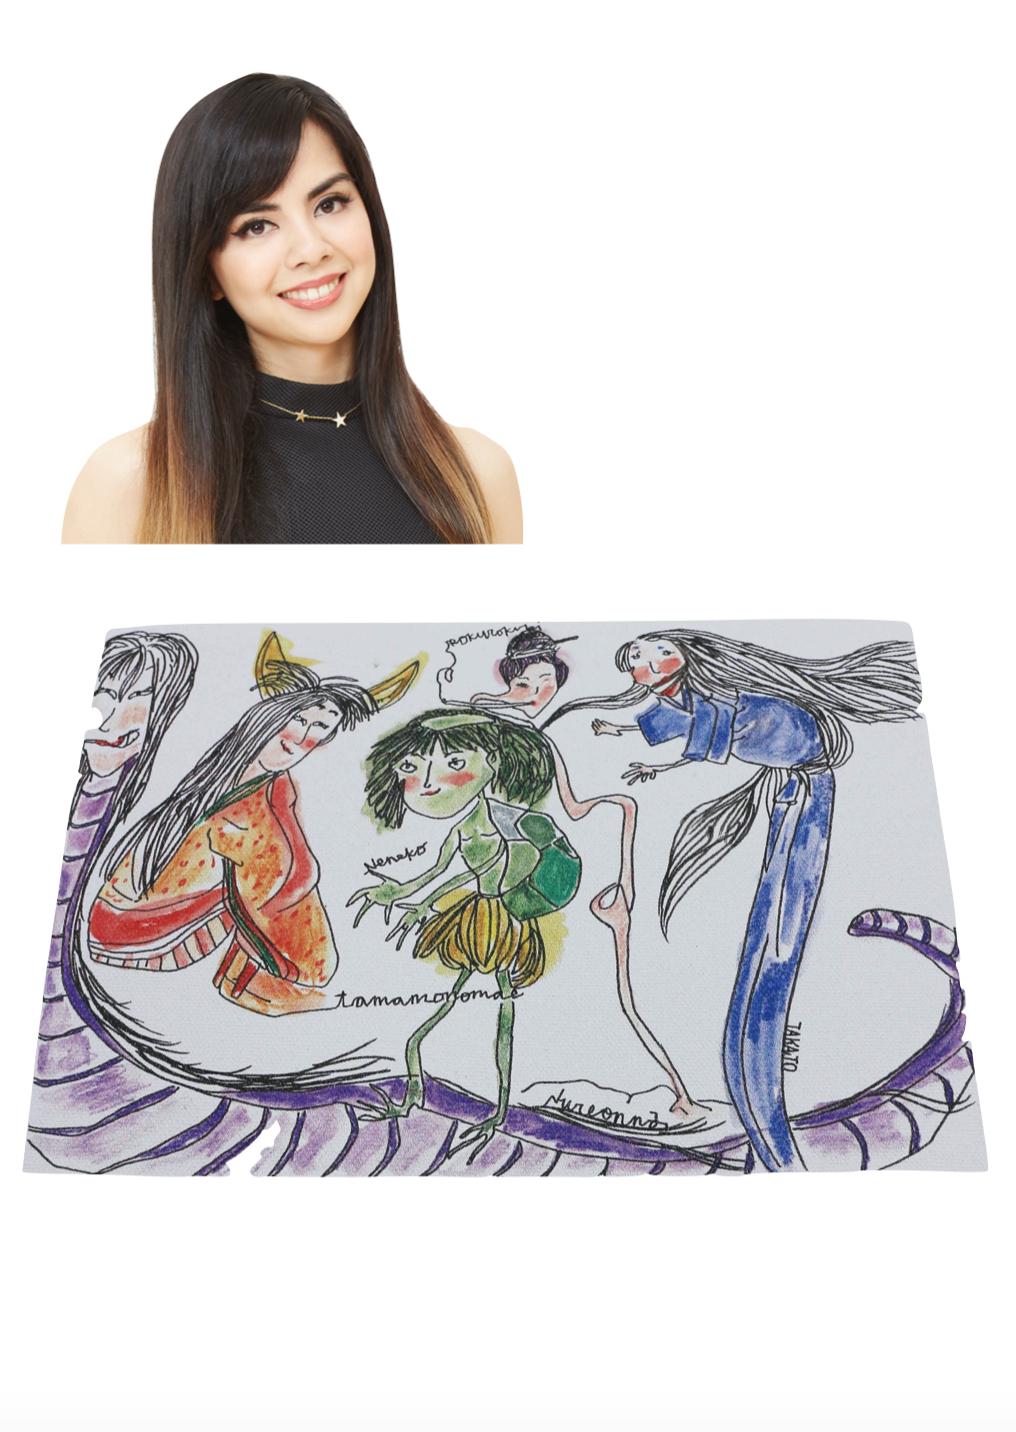 【京都国際映画祭展示の吉本芸人アートバッグ】ロバータ「YOKAI GIRL POWER」